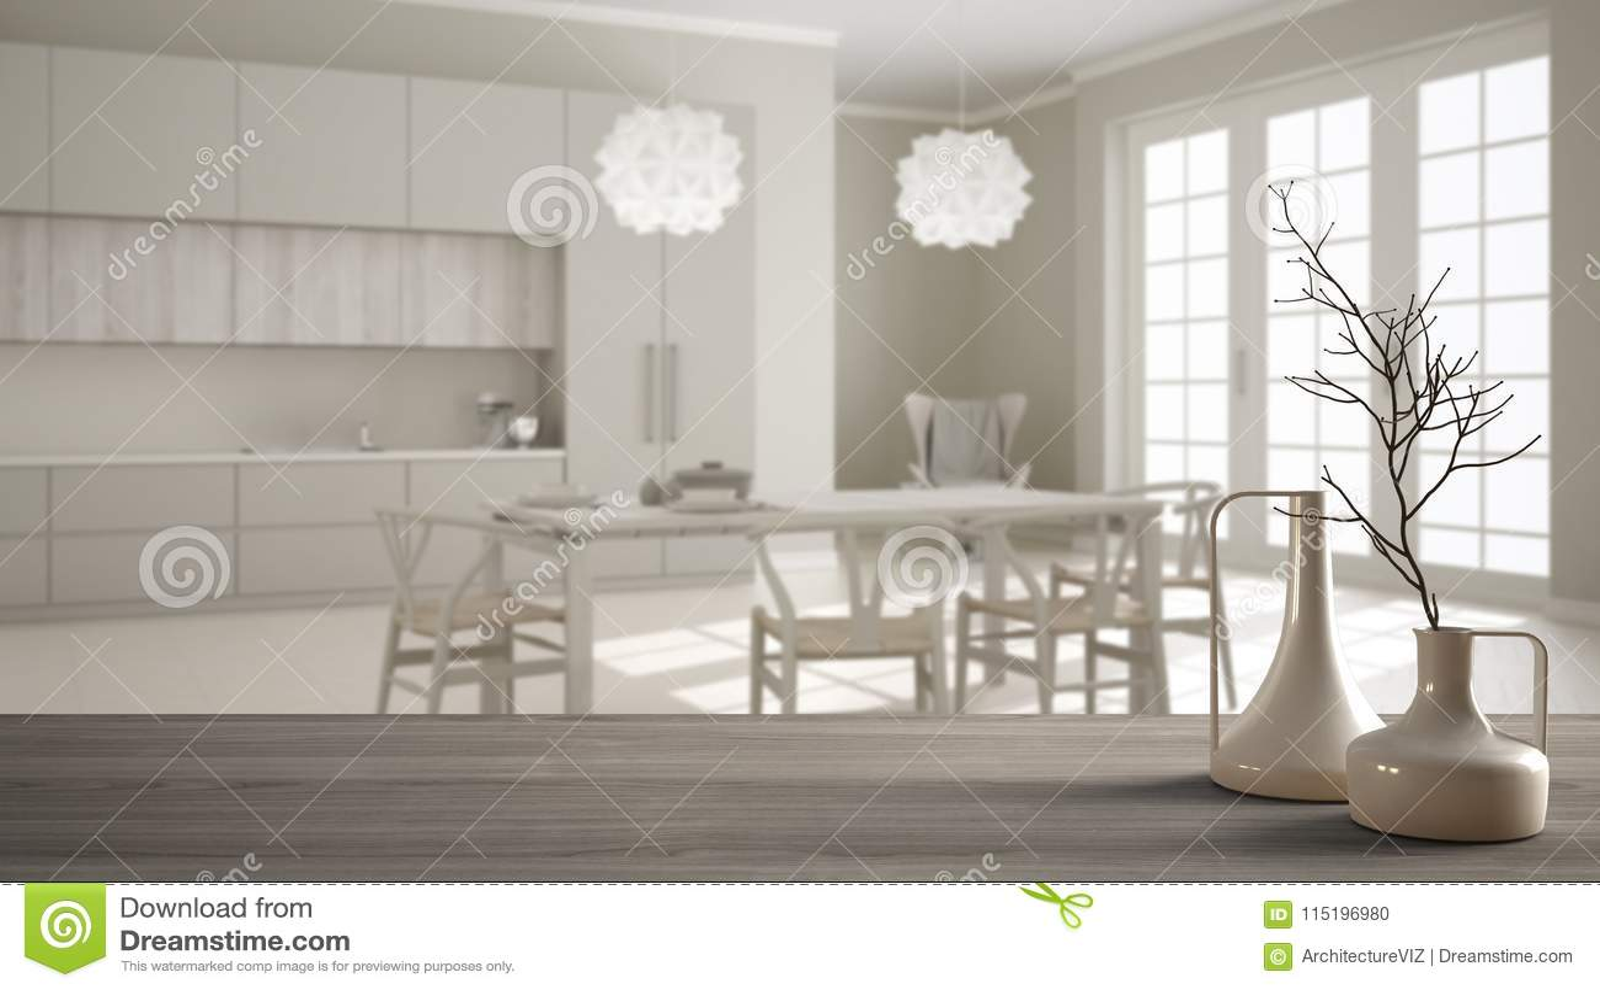 Witte Klassieke Eettafel.Houten Lijstbovenkant Of Plank Met Minimalistic Moderne